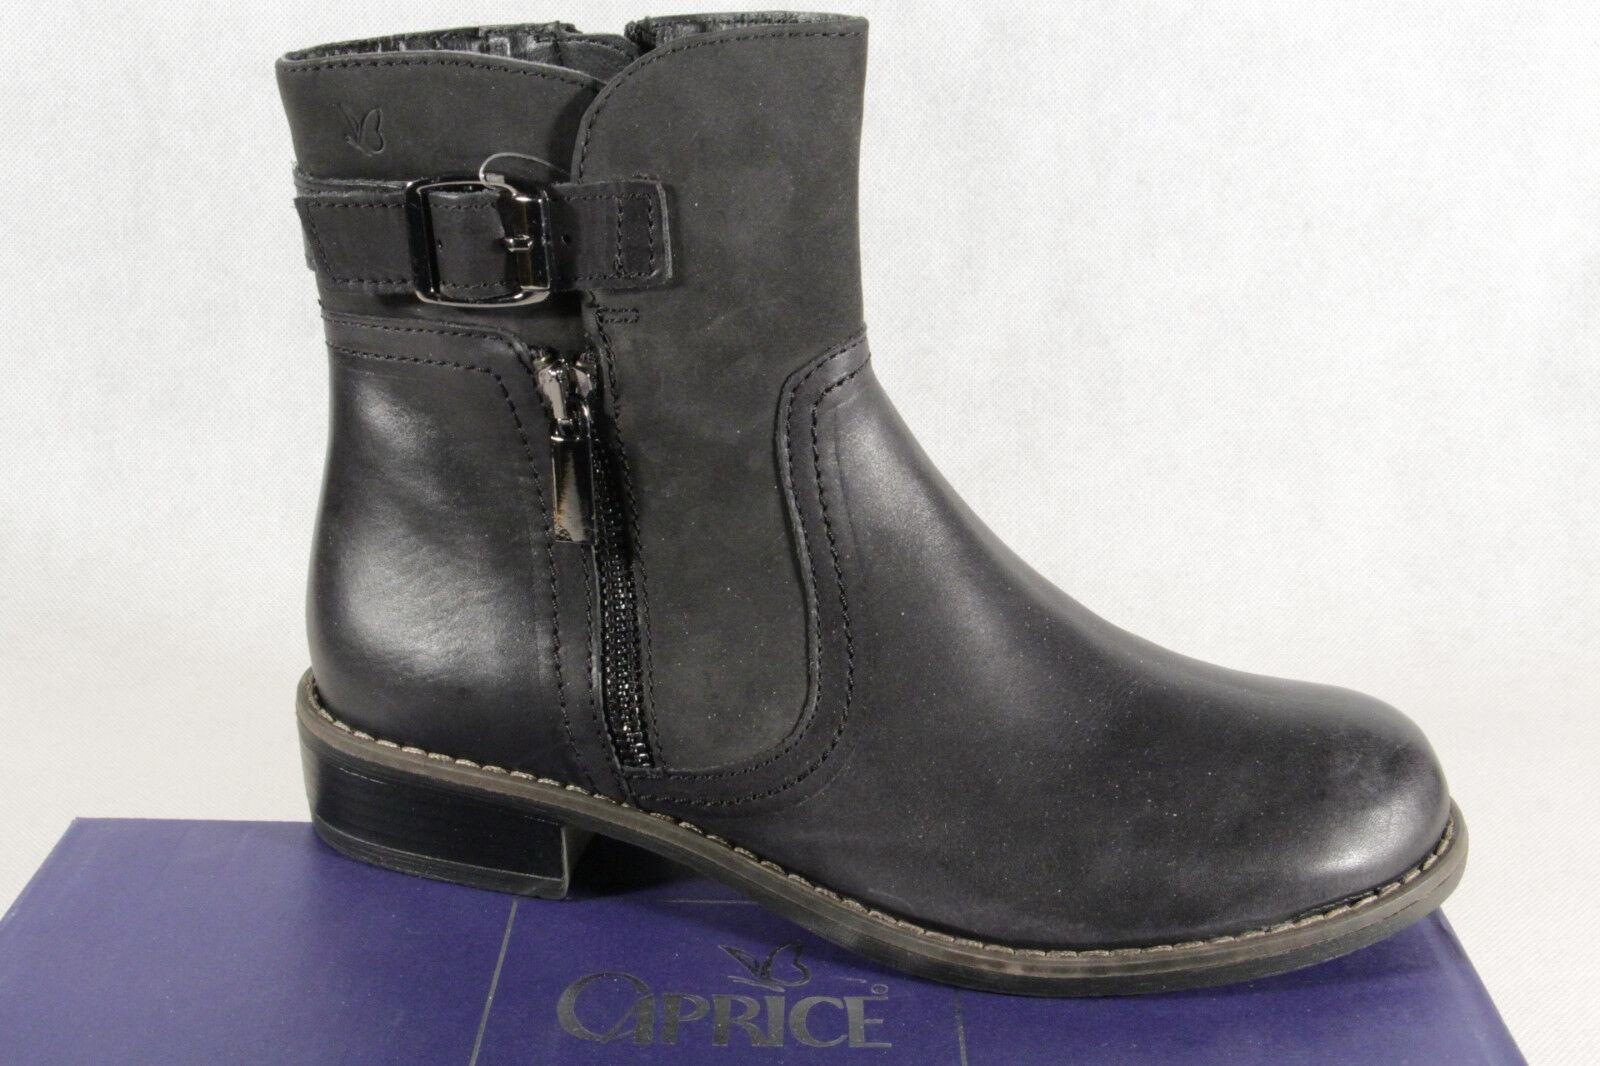 Caprice señora botas botín botas botas de invierno negro 25365 nuevo!!!